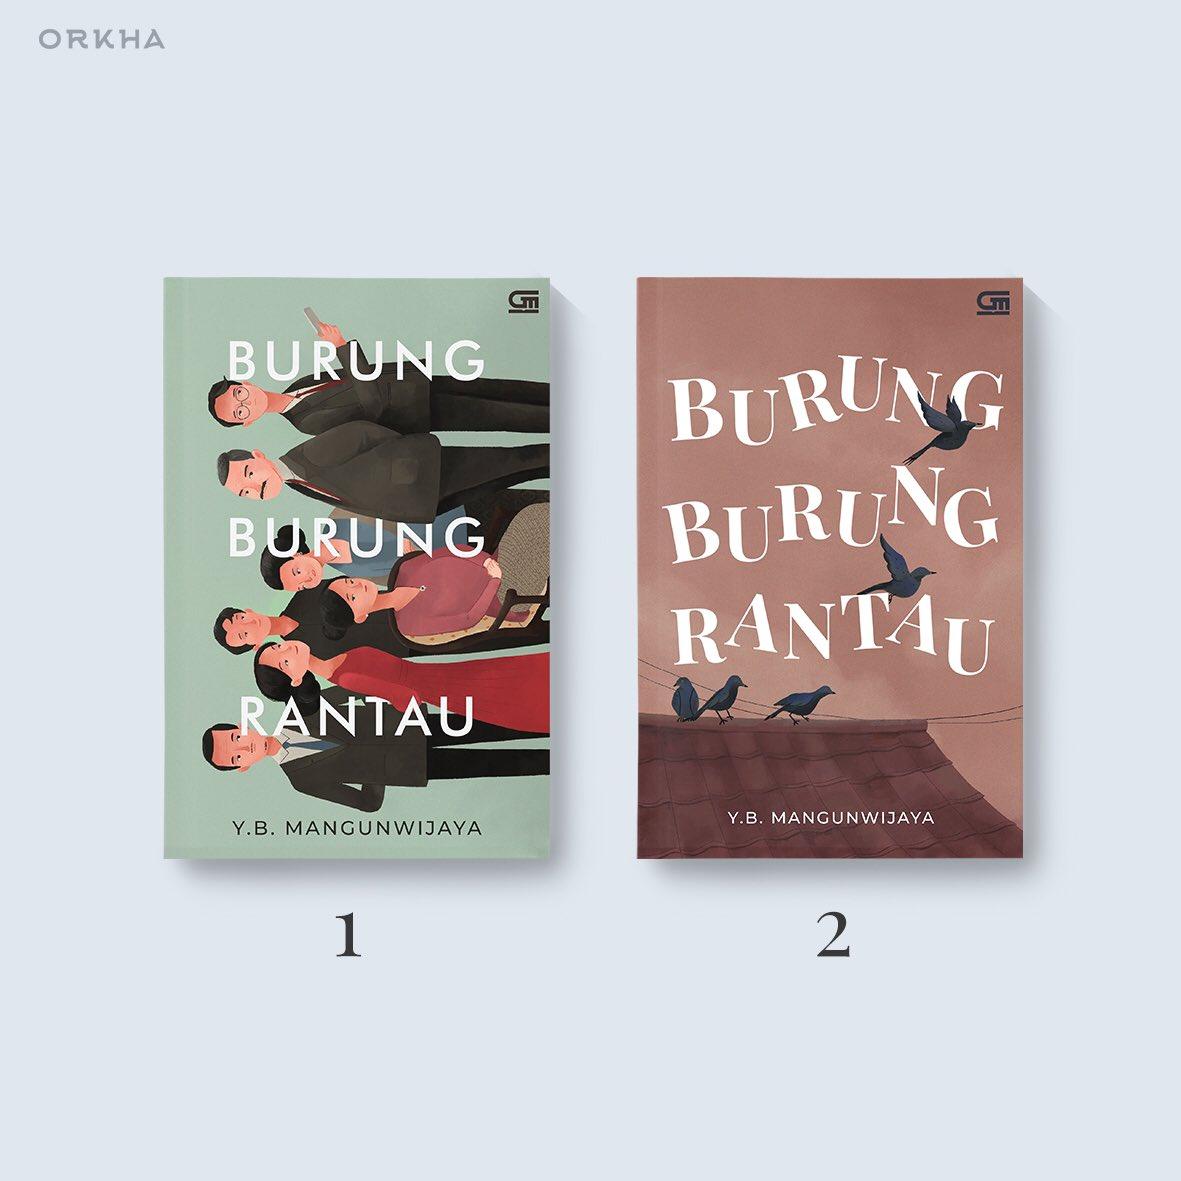 """sastra gpu on Twitter: """"Novel Burung-Burung Rantau karya Y.B. Mangunwijaya akan cetak ulang dg sampul baru 😍 Tapi kami di Redaksi Sastra GPU bingung, sampul mana yang akan dipilih dari dua desain"""